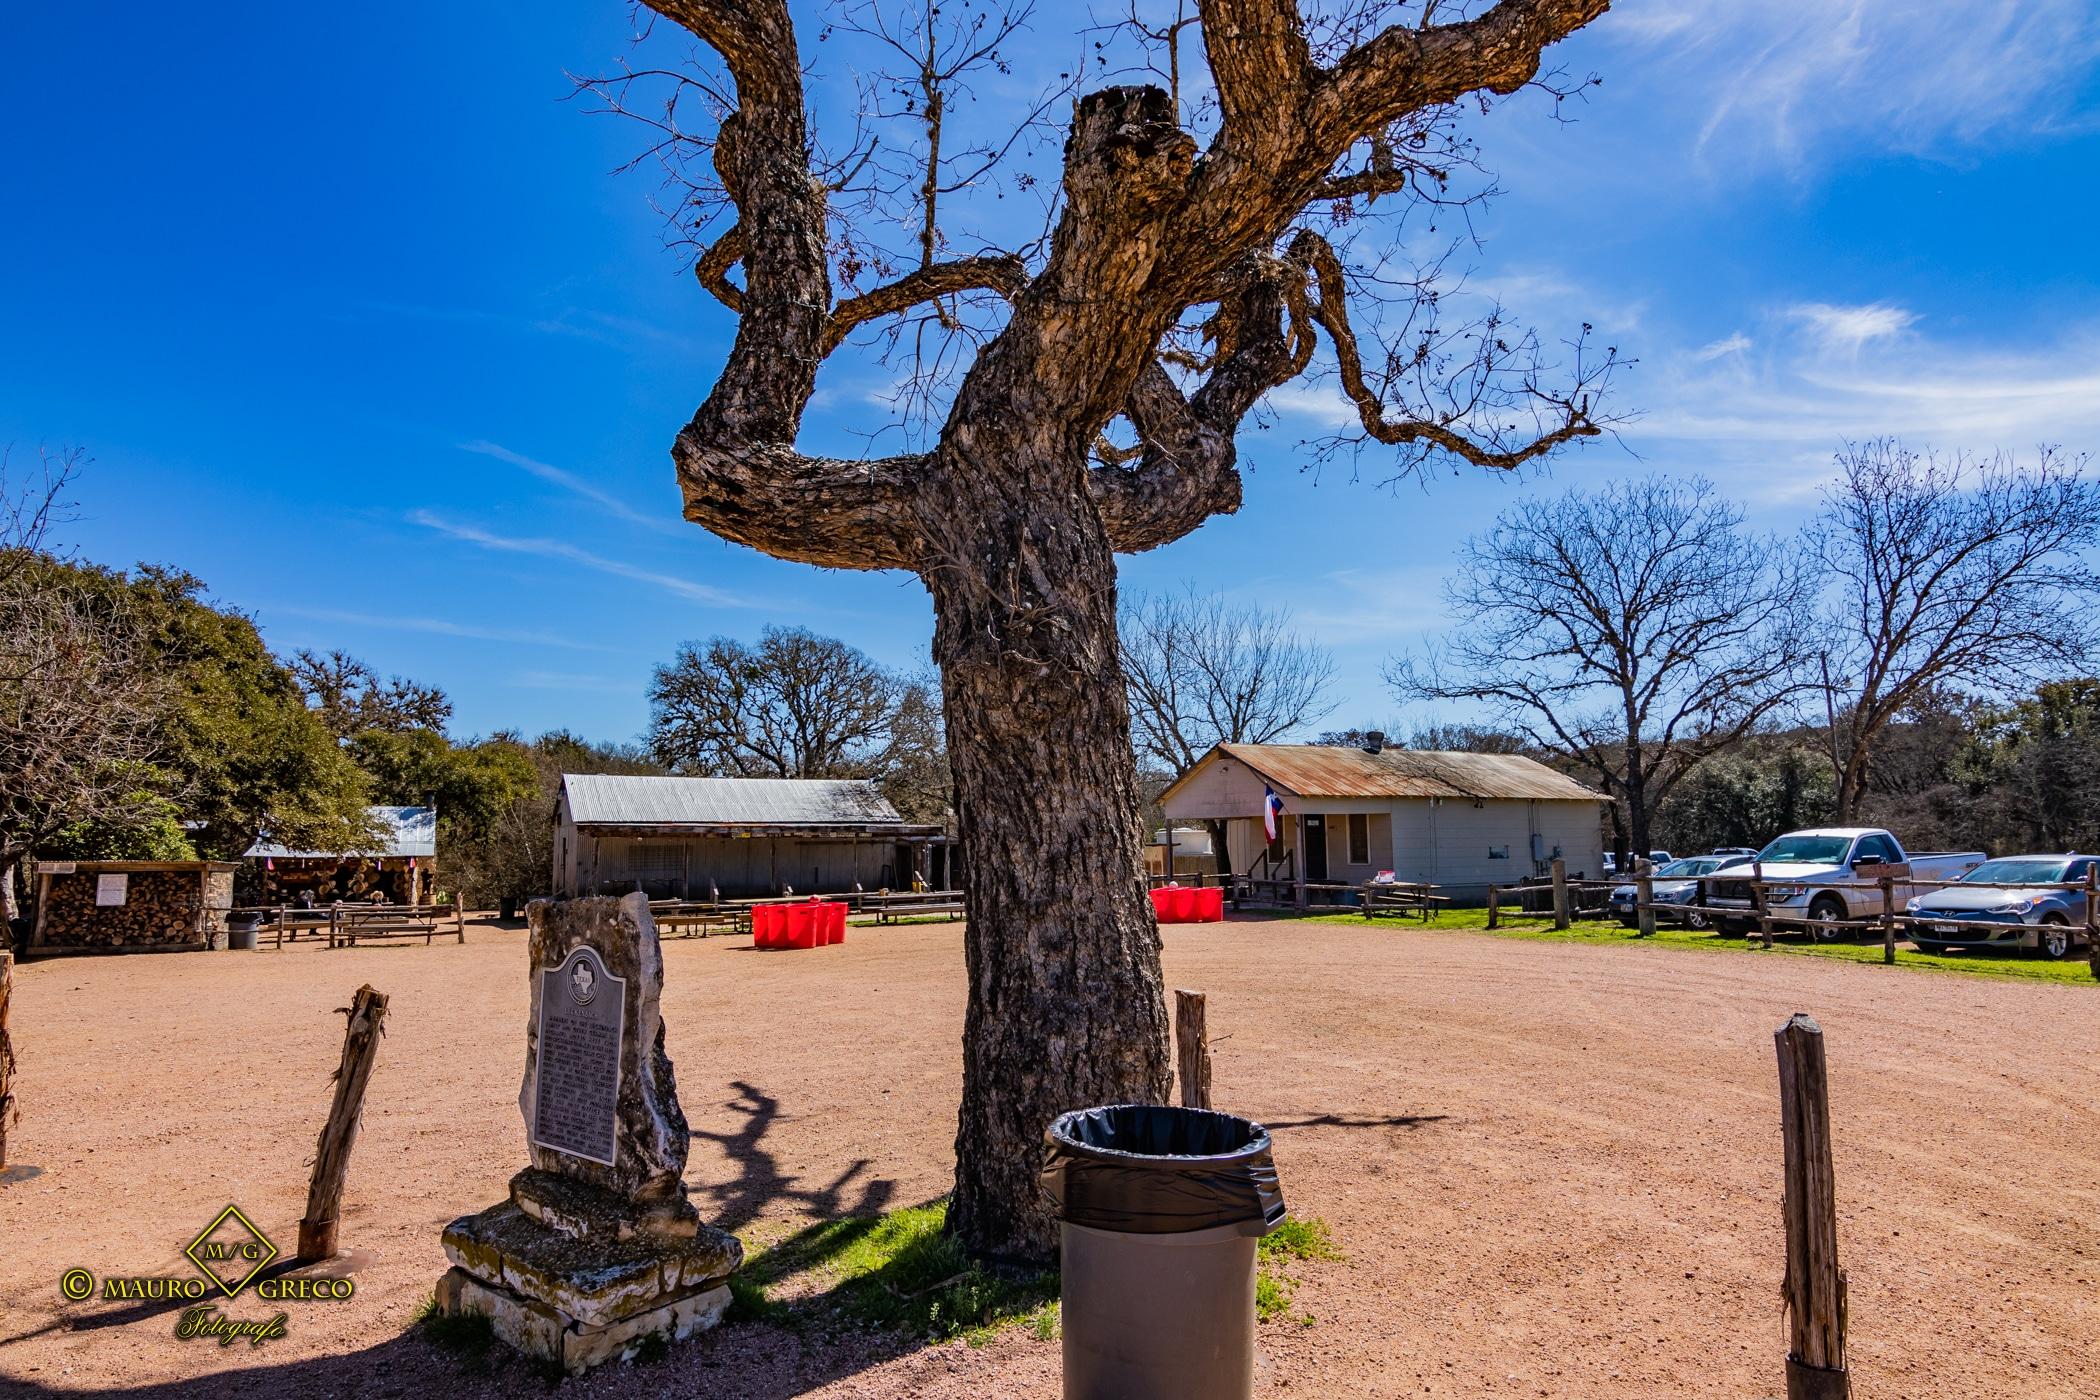 Luckenbach Texas 2020 Tornado Moto Tour Viaggi organizzati in moto negli USA Monument Valley